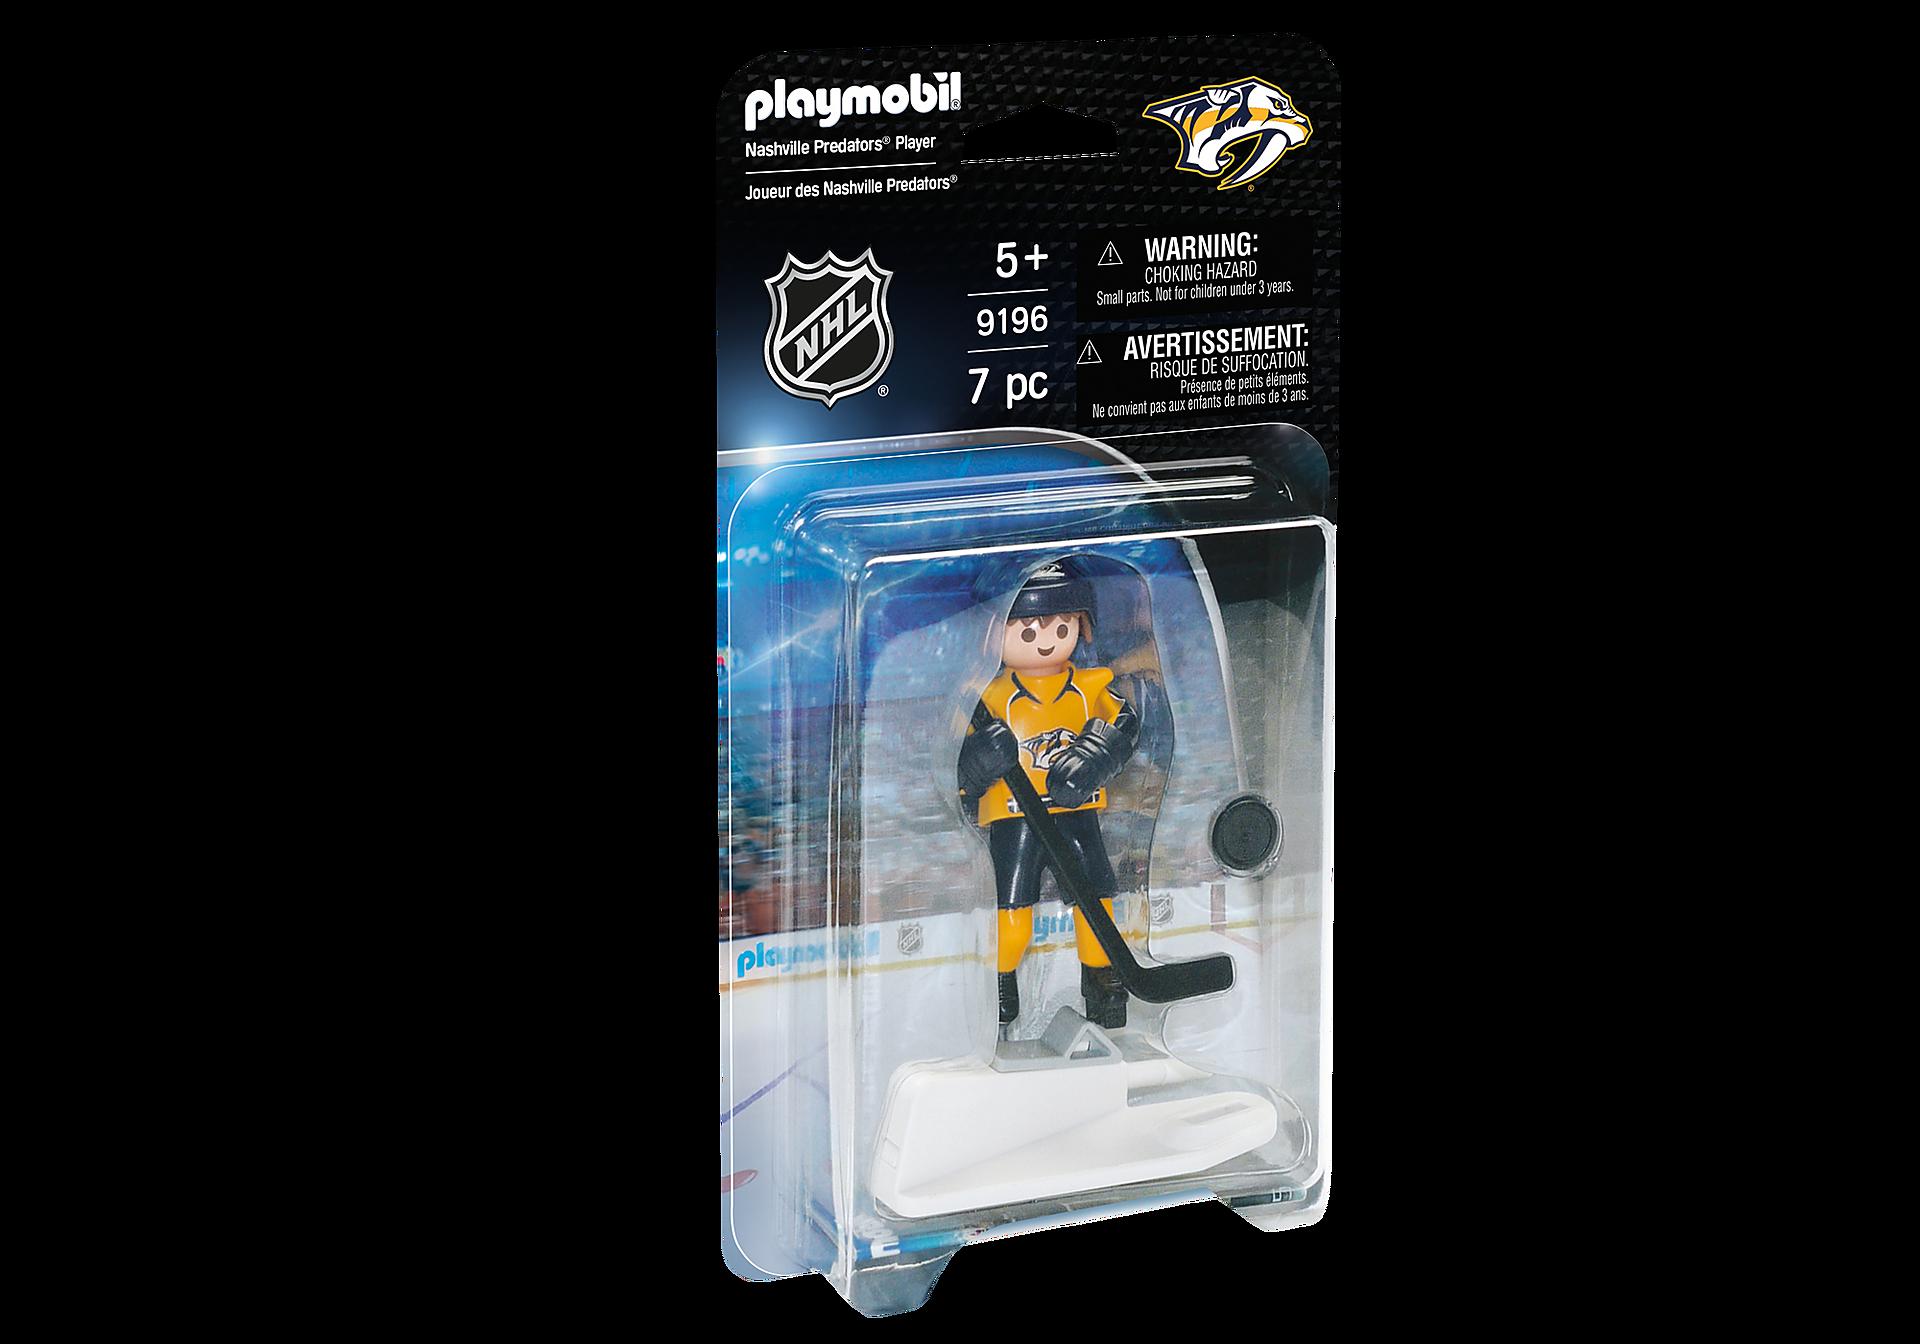 http://media.playmobil.com/i/playmobil/9196_product_box_front/NHL® Nashville Predators® Player